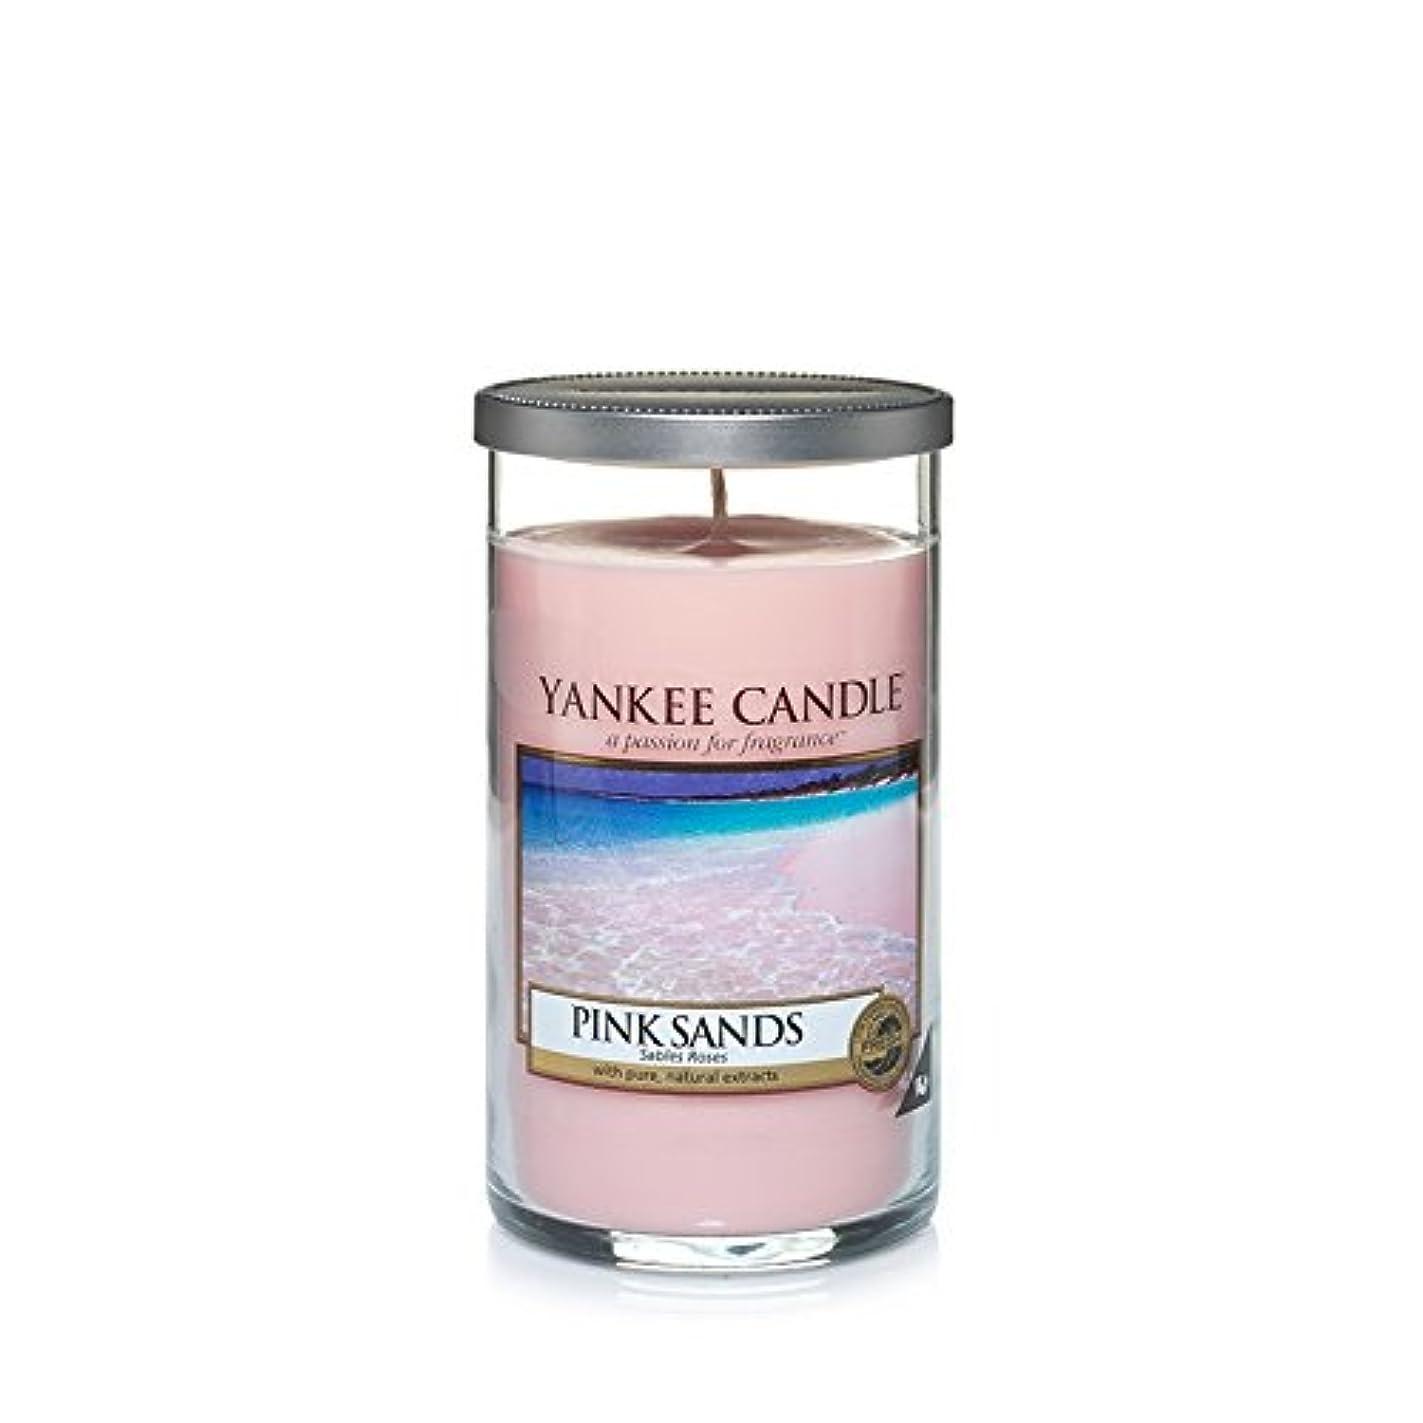 家庭貫通するクレアYankee Candles Medium Pillar Candle - Pink Sands? (Pack of 2) - ヤンキーキャンドルメディアピラーキャンドル - ピンクの砂? (x2) [並行輸入品]